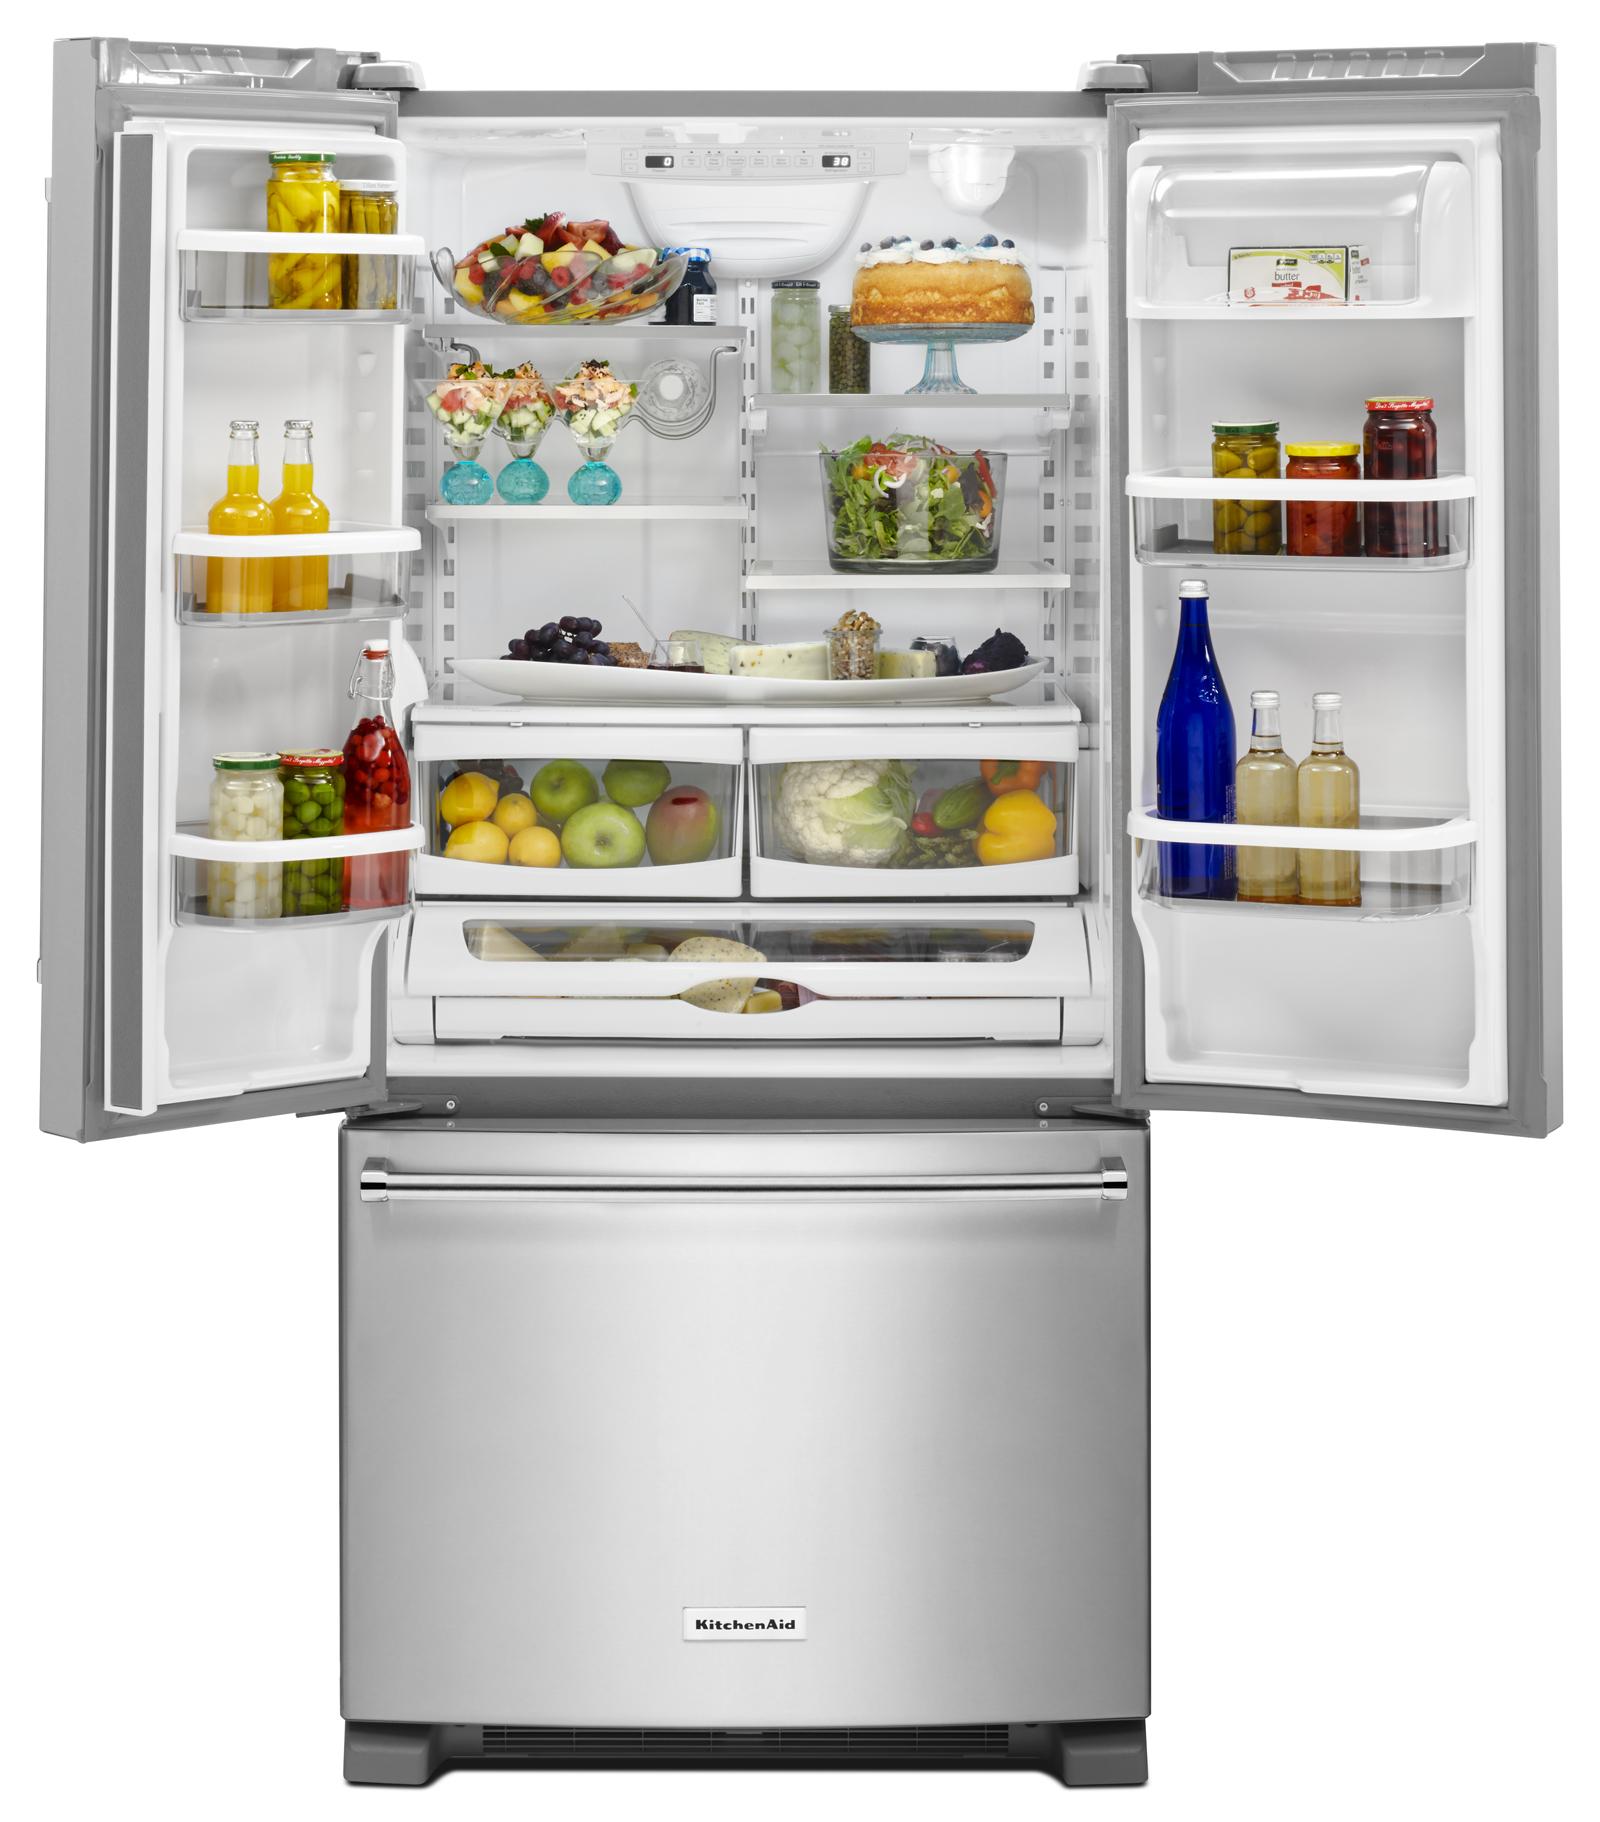 KitchenAid KRFF302ESS 22 cu. ft. French Door Refrigerator - Stainless Steel